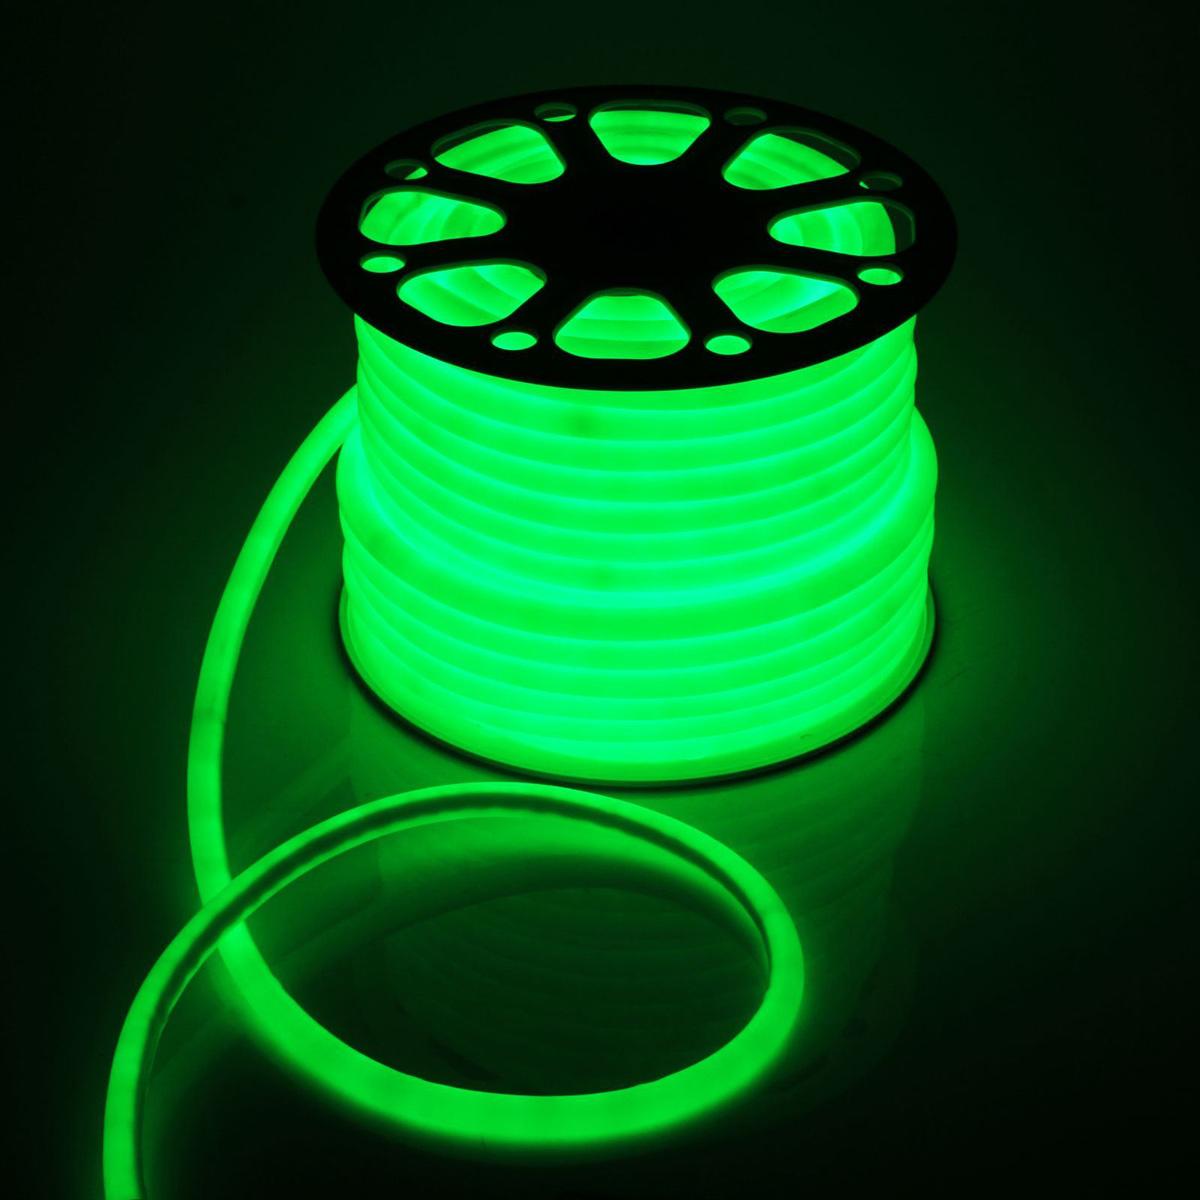 Гирлянда светодиодная Luazon, 120 ламп, 220 V, цвет: зеленый, 1,6 см х 50 м. 14313051431305Светодиодные гирлянды, ленты и т.д — это отличный вариант для новогоднего оформления интерьера или фасада. С их помощью помещение любого размера можно превратить в праздничный зал, а внешние элементы зданий, украшенные ими, мгновенно станут напоминать очертания сказочного дворца. Такие украшения создают ауру предвкушения чуда. Деревья, фасады, витрины, окна и арки будто специально созданы, чтобы вы украсили их светящимися нитями.